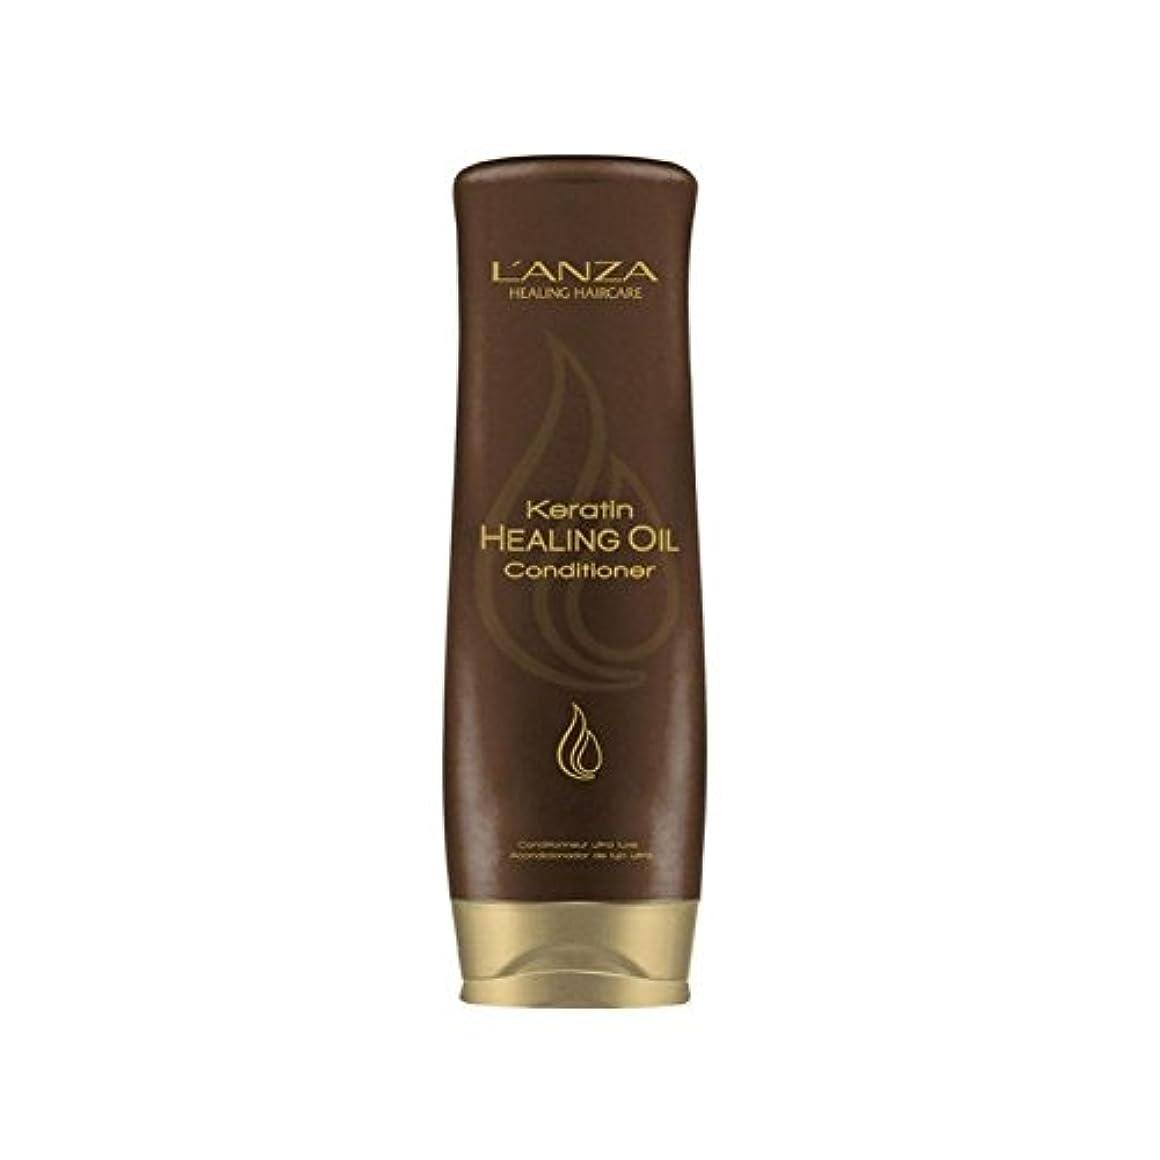 通路織機女将アンザケラチンオイルコンディショナー(250ミリリットル)を癒し x4 - L'Anza Keratin Healing Oil Conditioner (250ml) (Pack of 4) [並行輸入品]